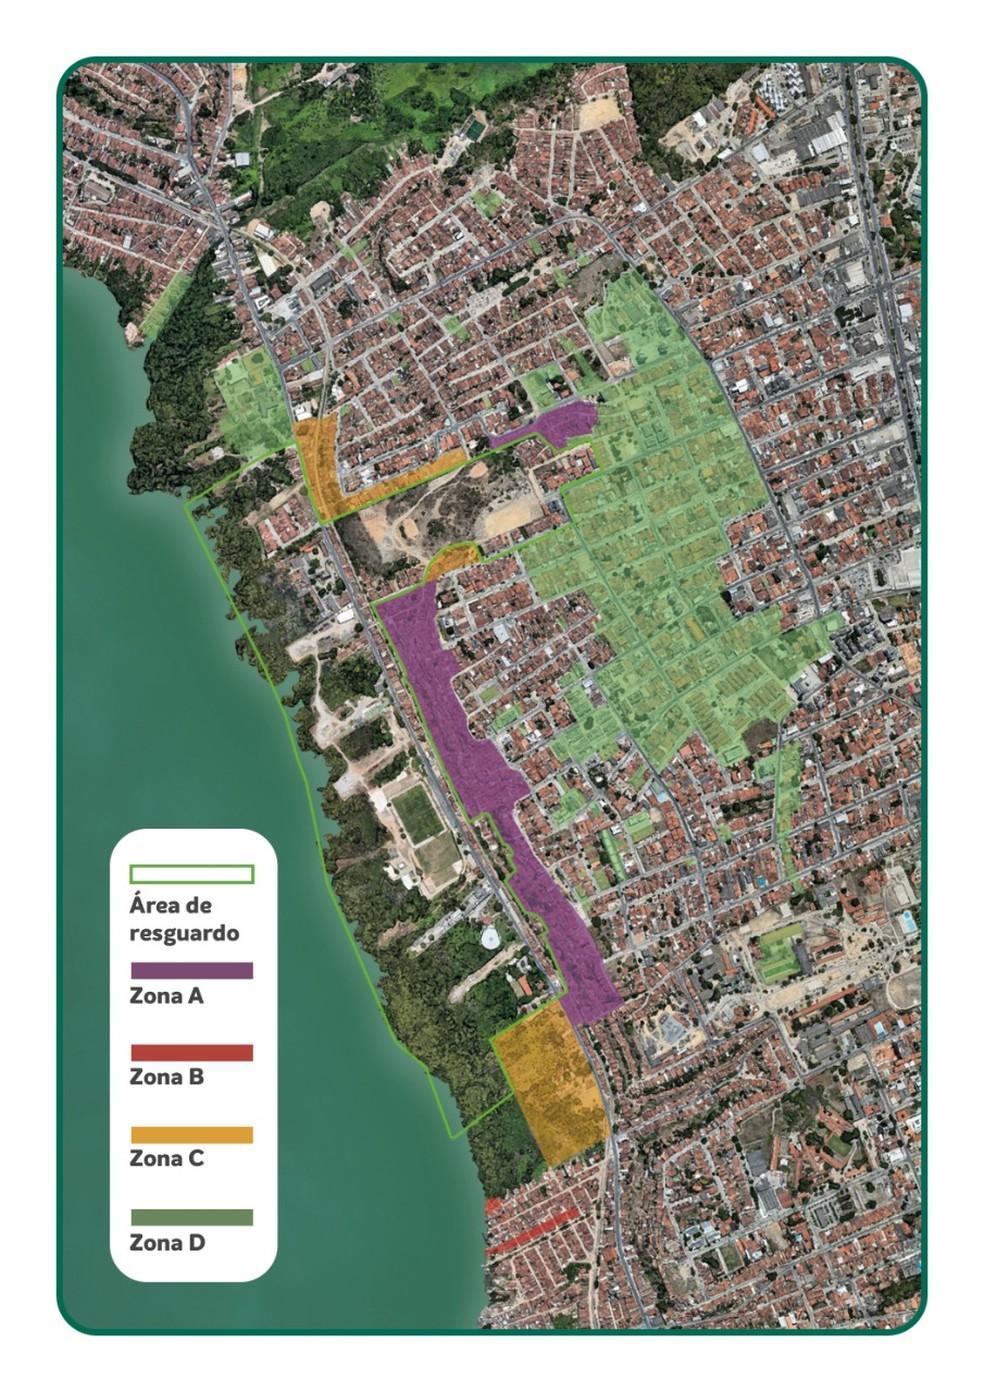 Mapa da desocupação dos bairros de Maceió com rachaduras foi divulgado pela Braskem — Foto: Divulgação/Braskem